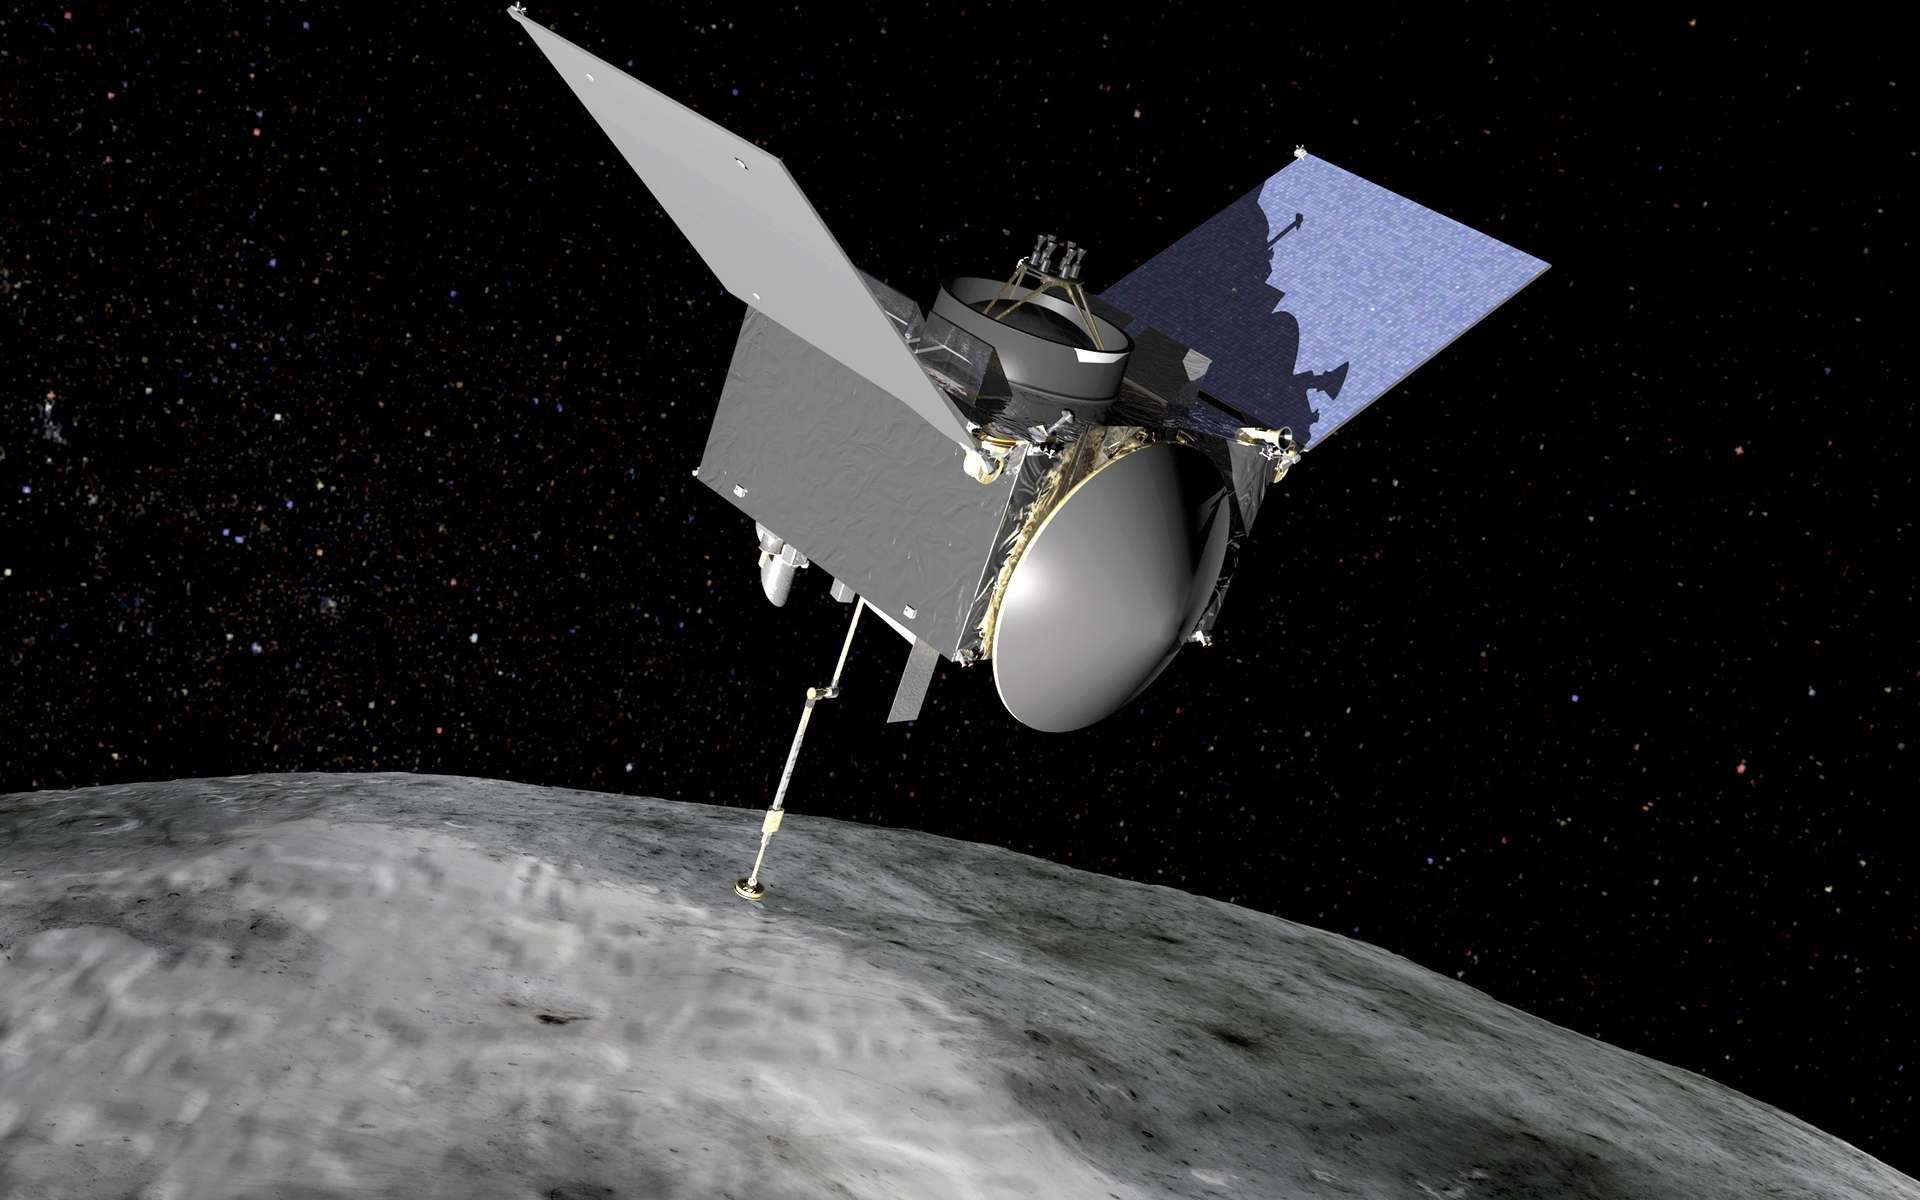 Osiris-Rex est la première mission américaine de retour d'échantillons d'un astéroïde. Cette sonde a été construite par la société Lockheed-Martin. La capsule qui rapportera les échantillons prélevés sur la surface de l'astéroïde Bennu se trouve au centre de l'image (elle est de couleur blanche). Elle ne doit pas être confondue avec l'antenne à grand gain, de même forme, mais plus grande, et qui servira à communiquer avec la Terre (visible à droite sur l'image). © Nasa